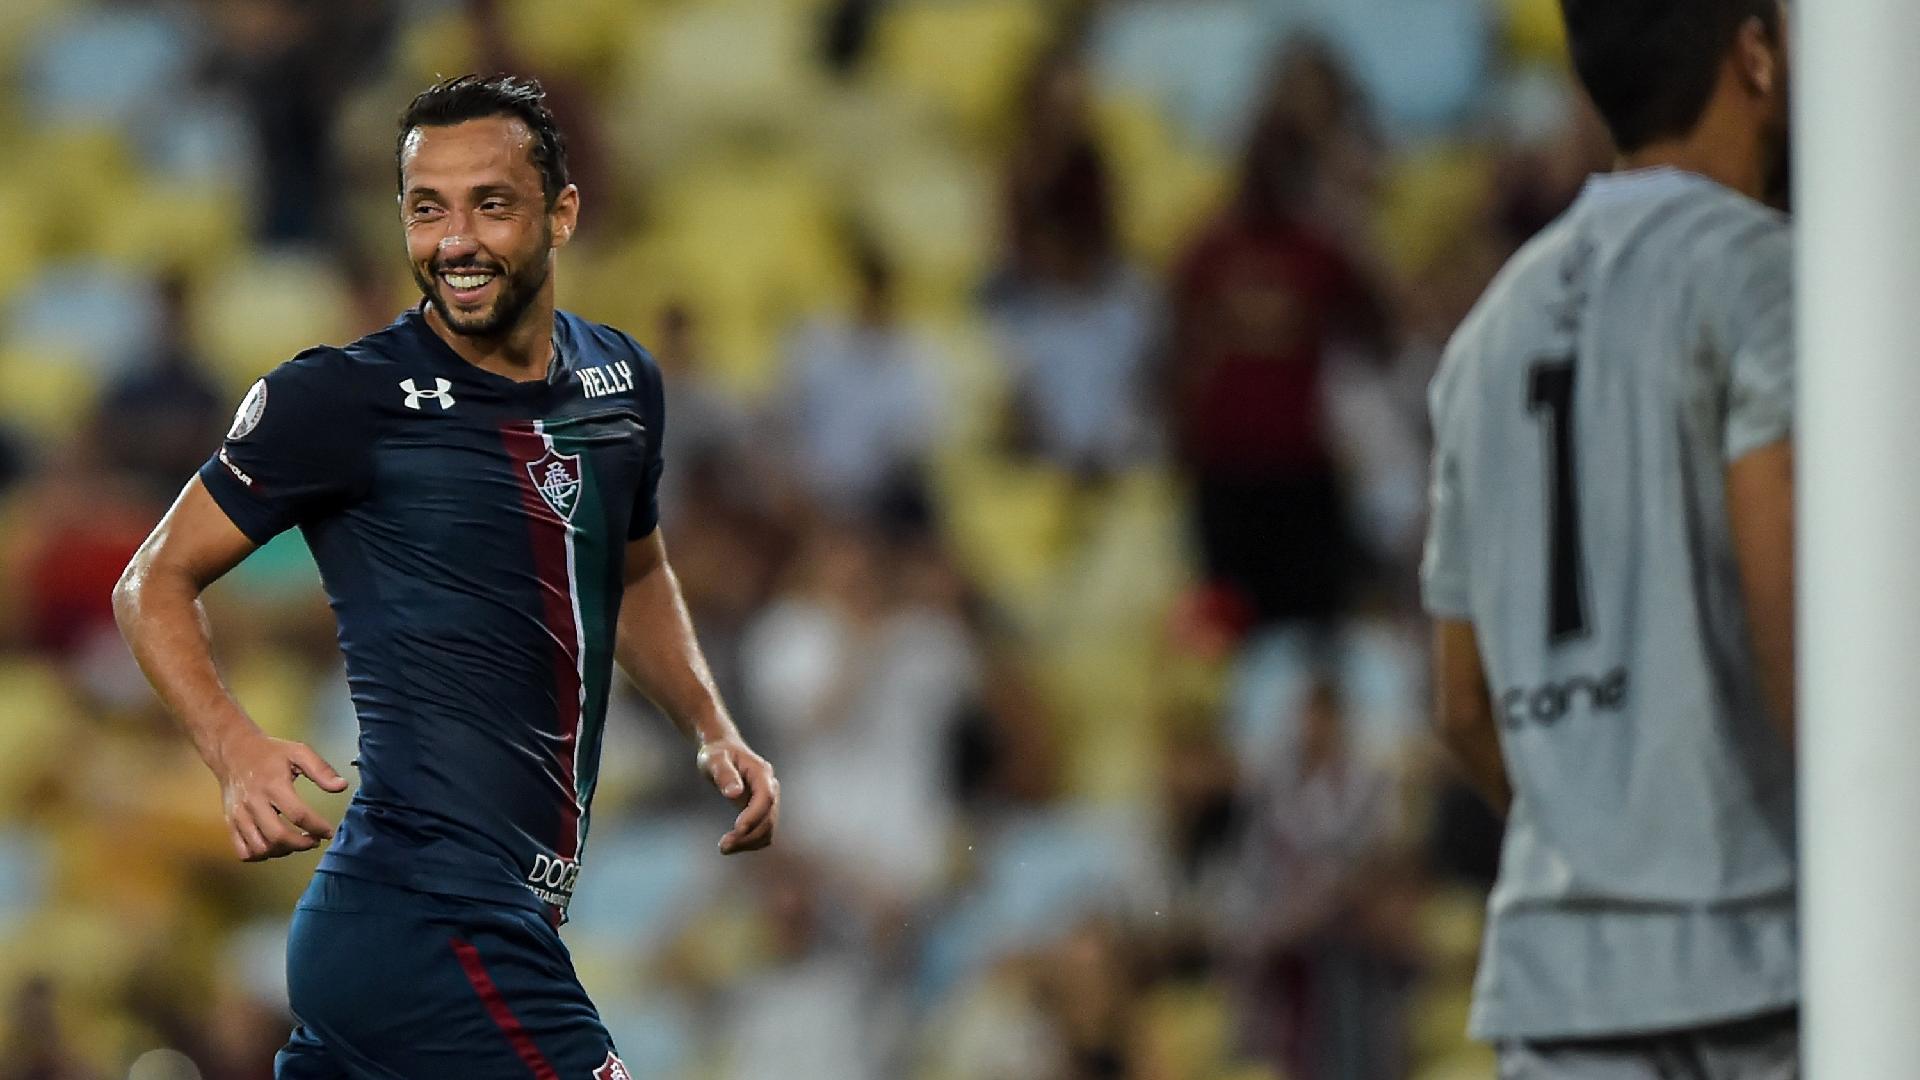 Nenê comemora depois de anotar o seu gol no duelo entre Fluminense x Resende